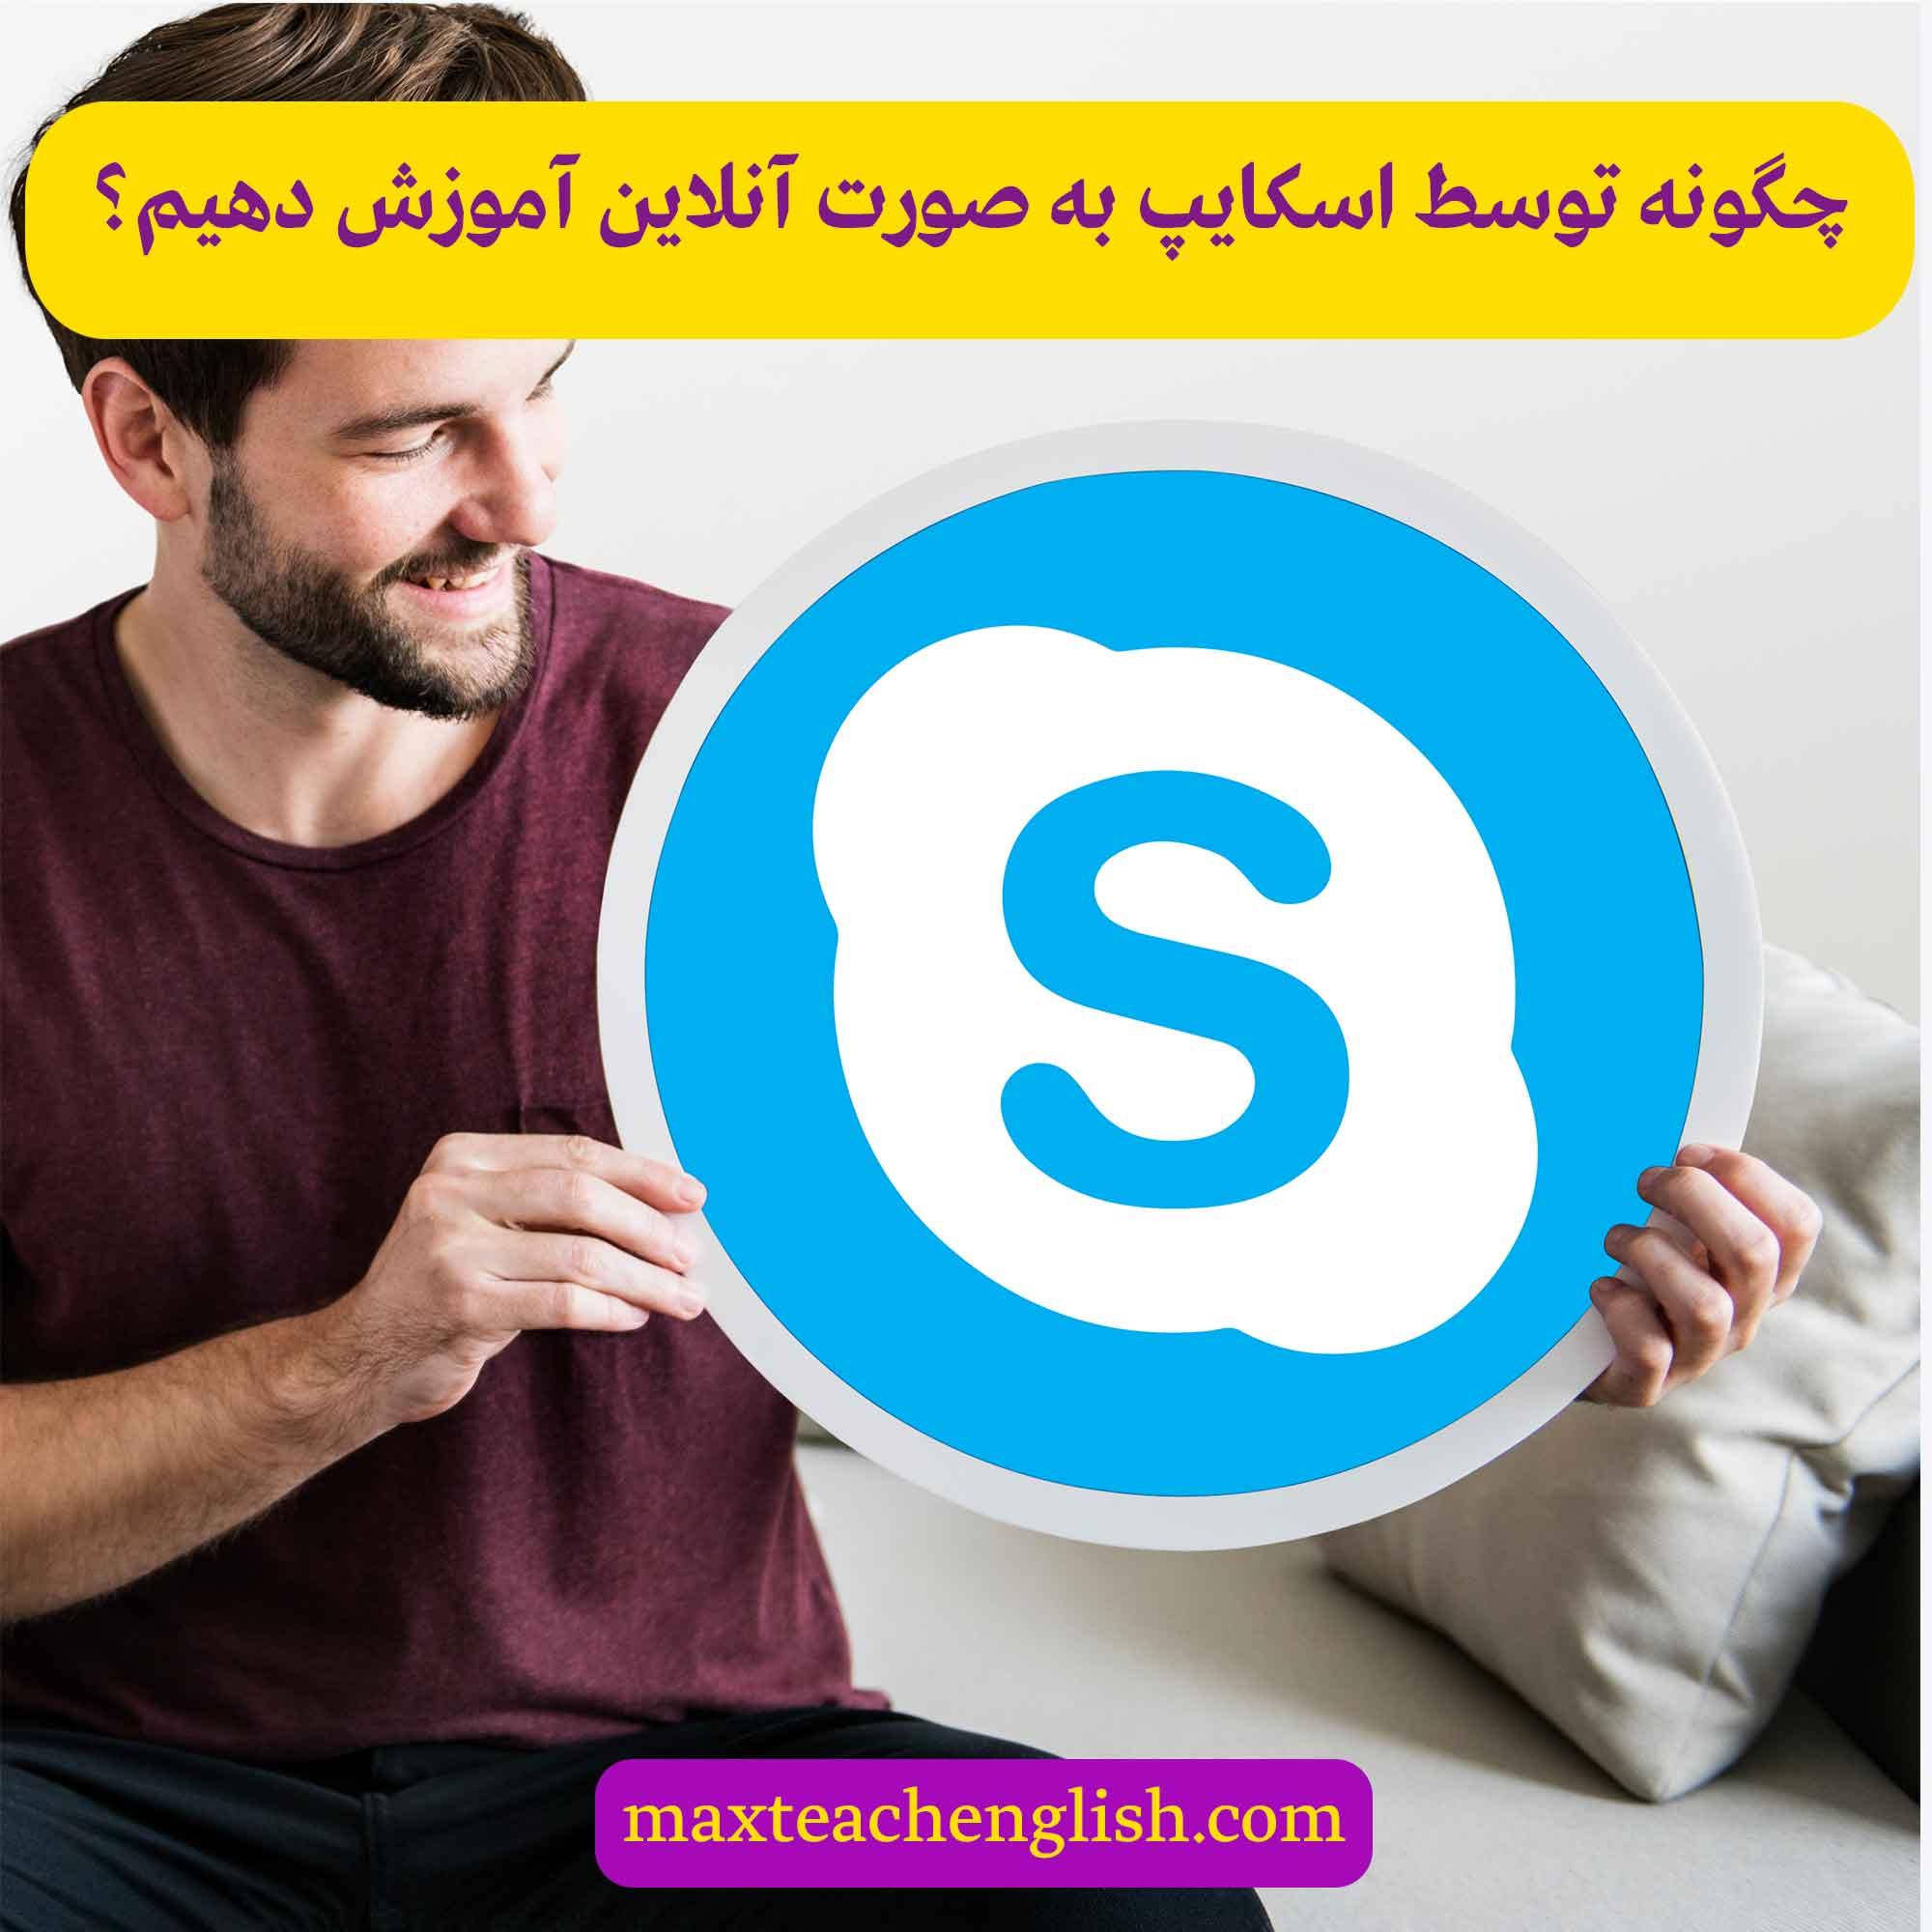 چگونه توسط اسکایپ به صورت آنلاین آموزش دهیم؟